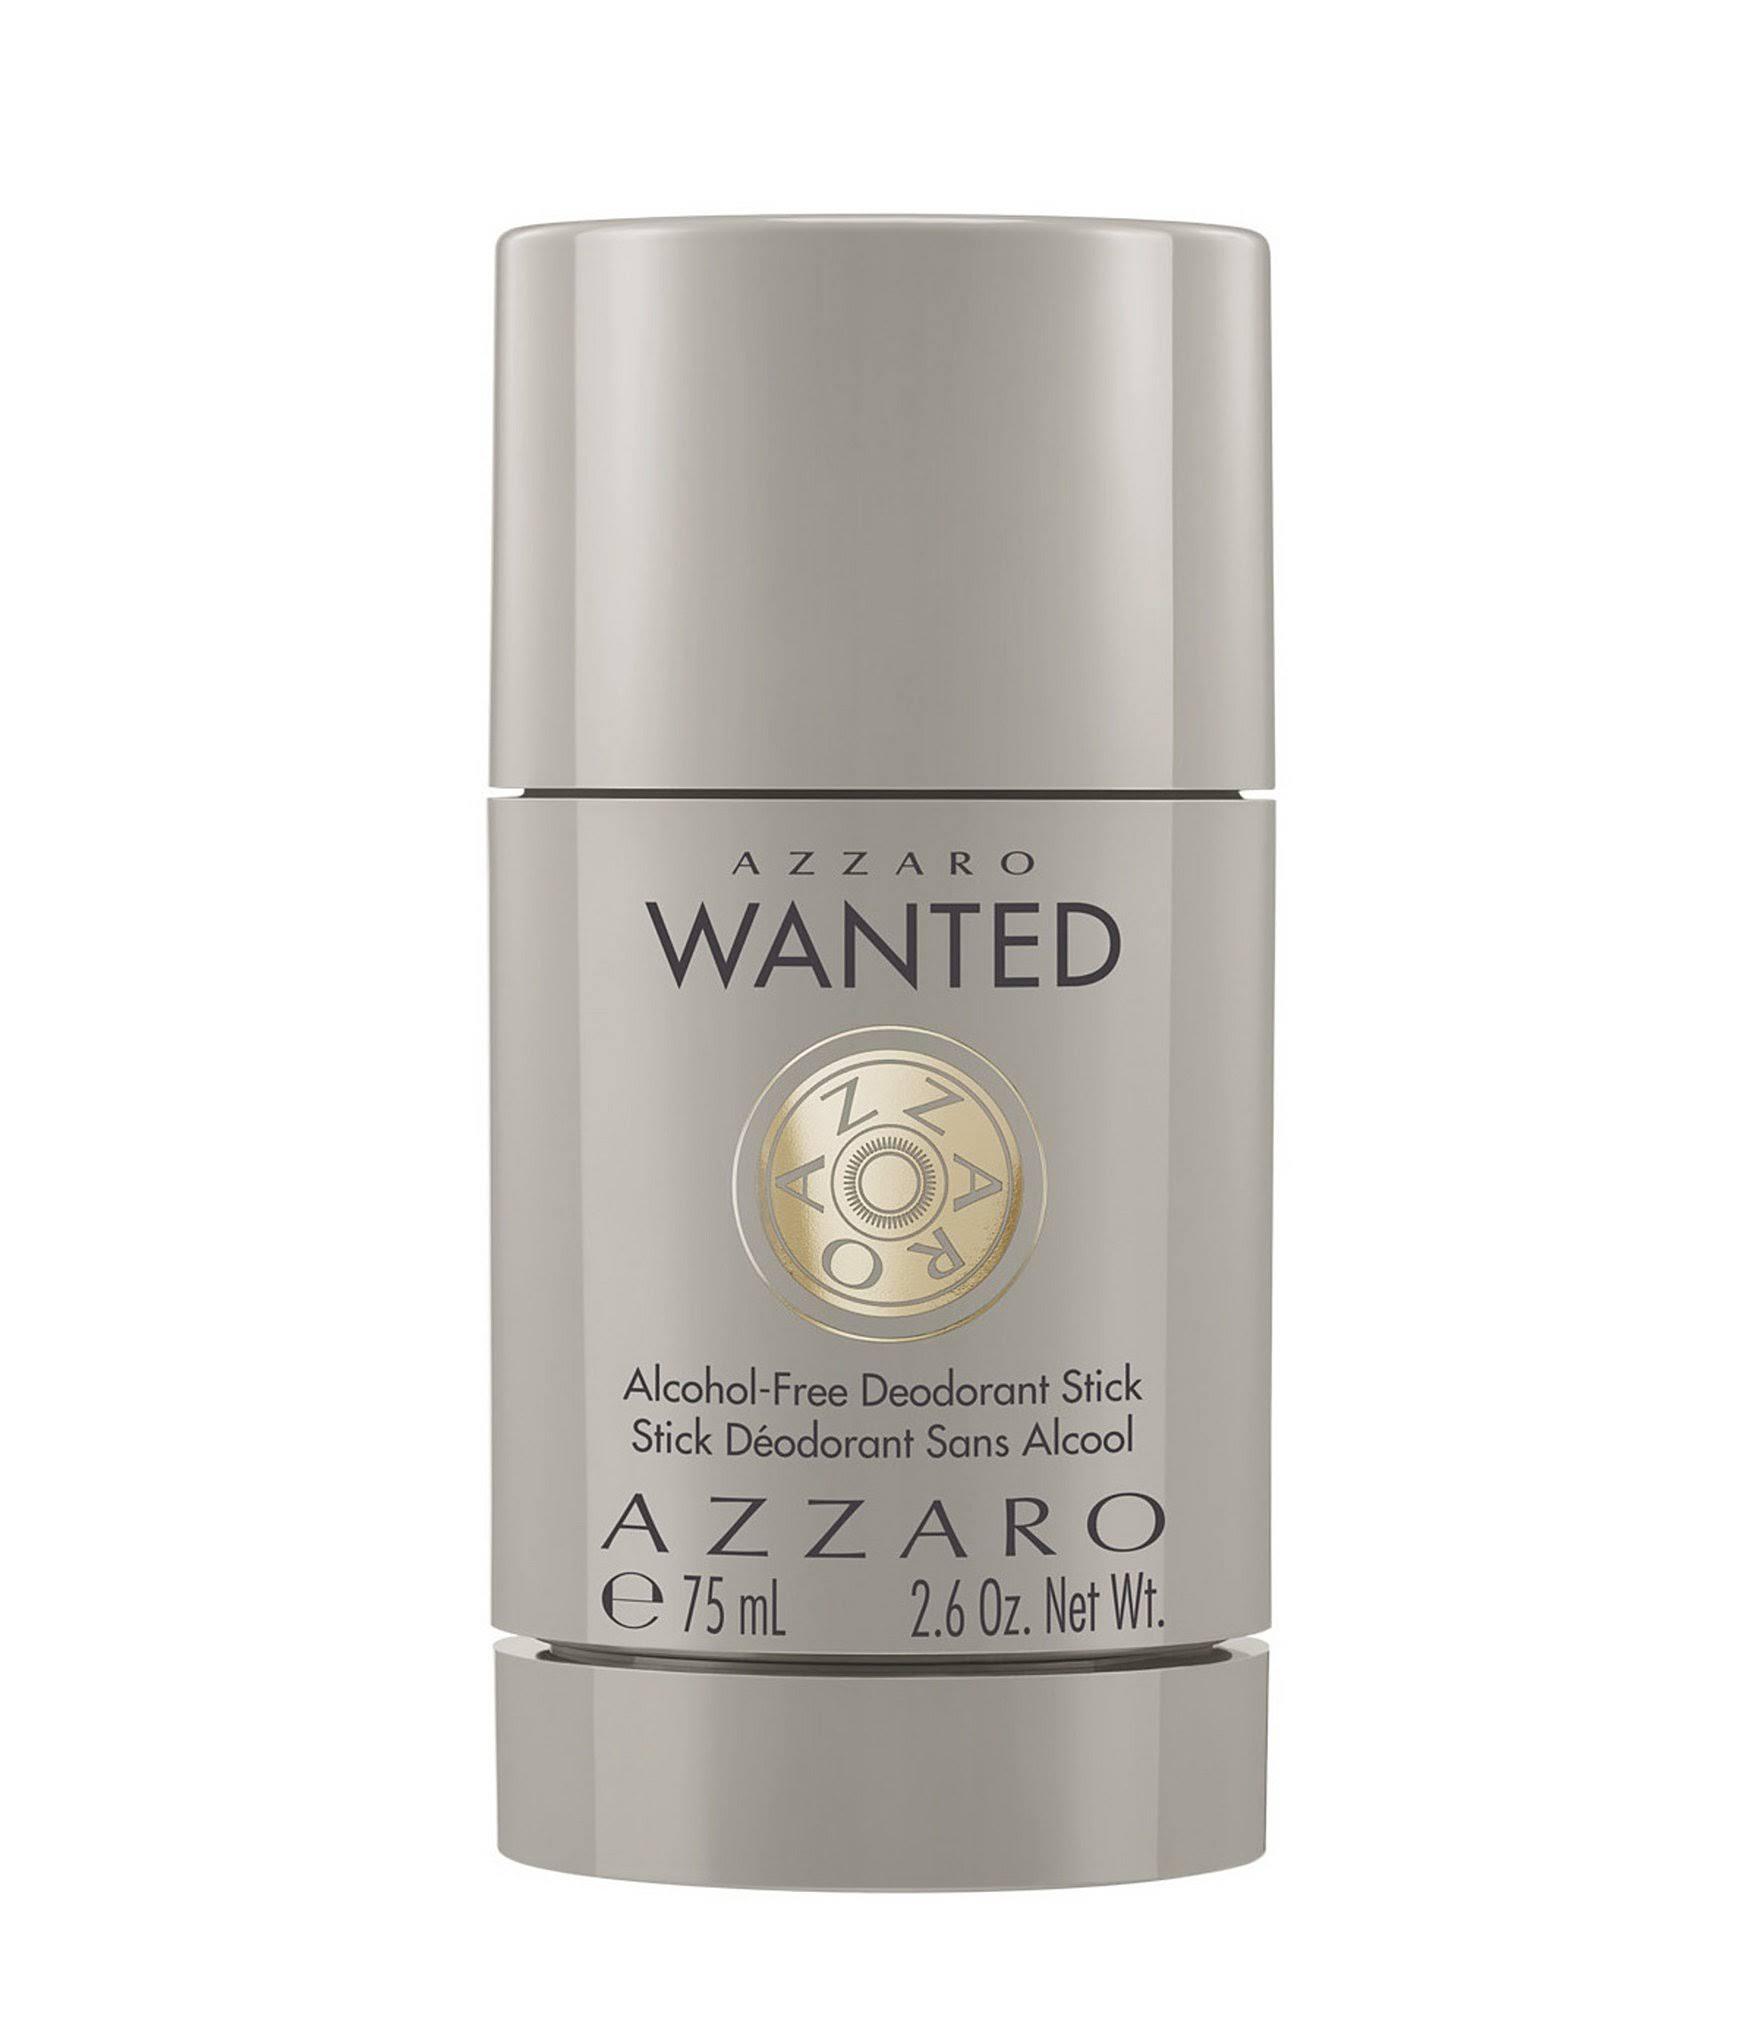 Azzaro Barra Quería Desodorante 2 6 En Oz rxFrpwn